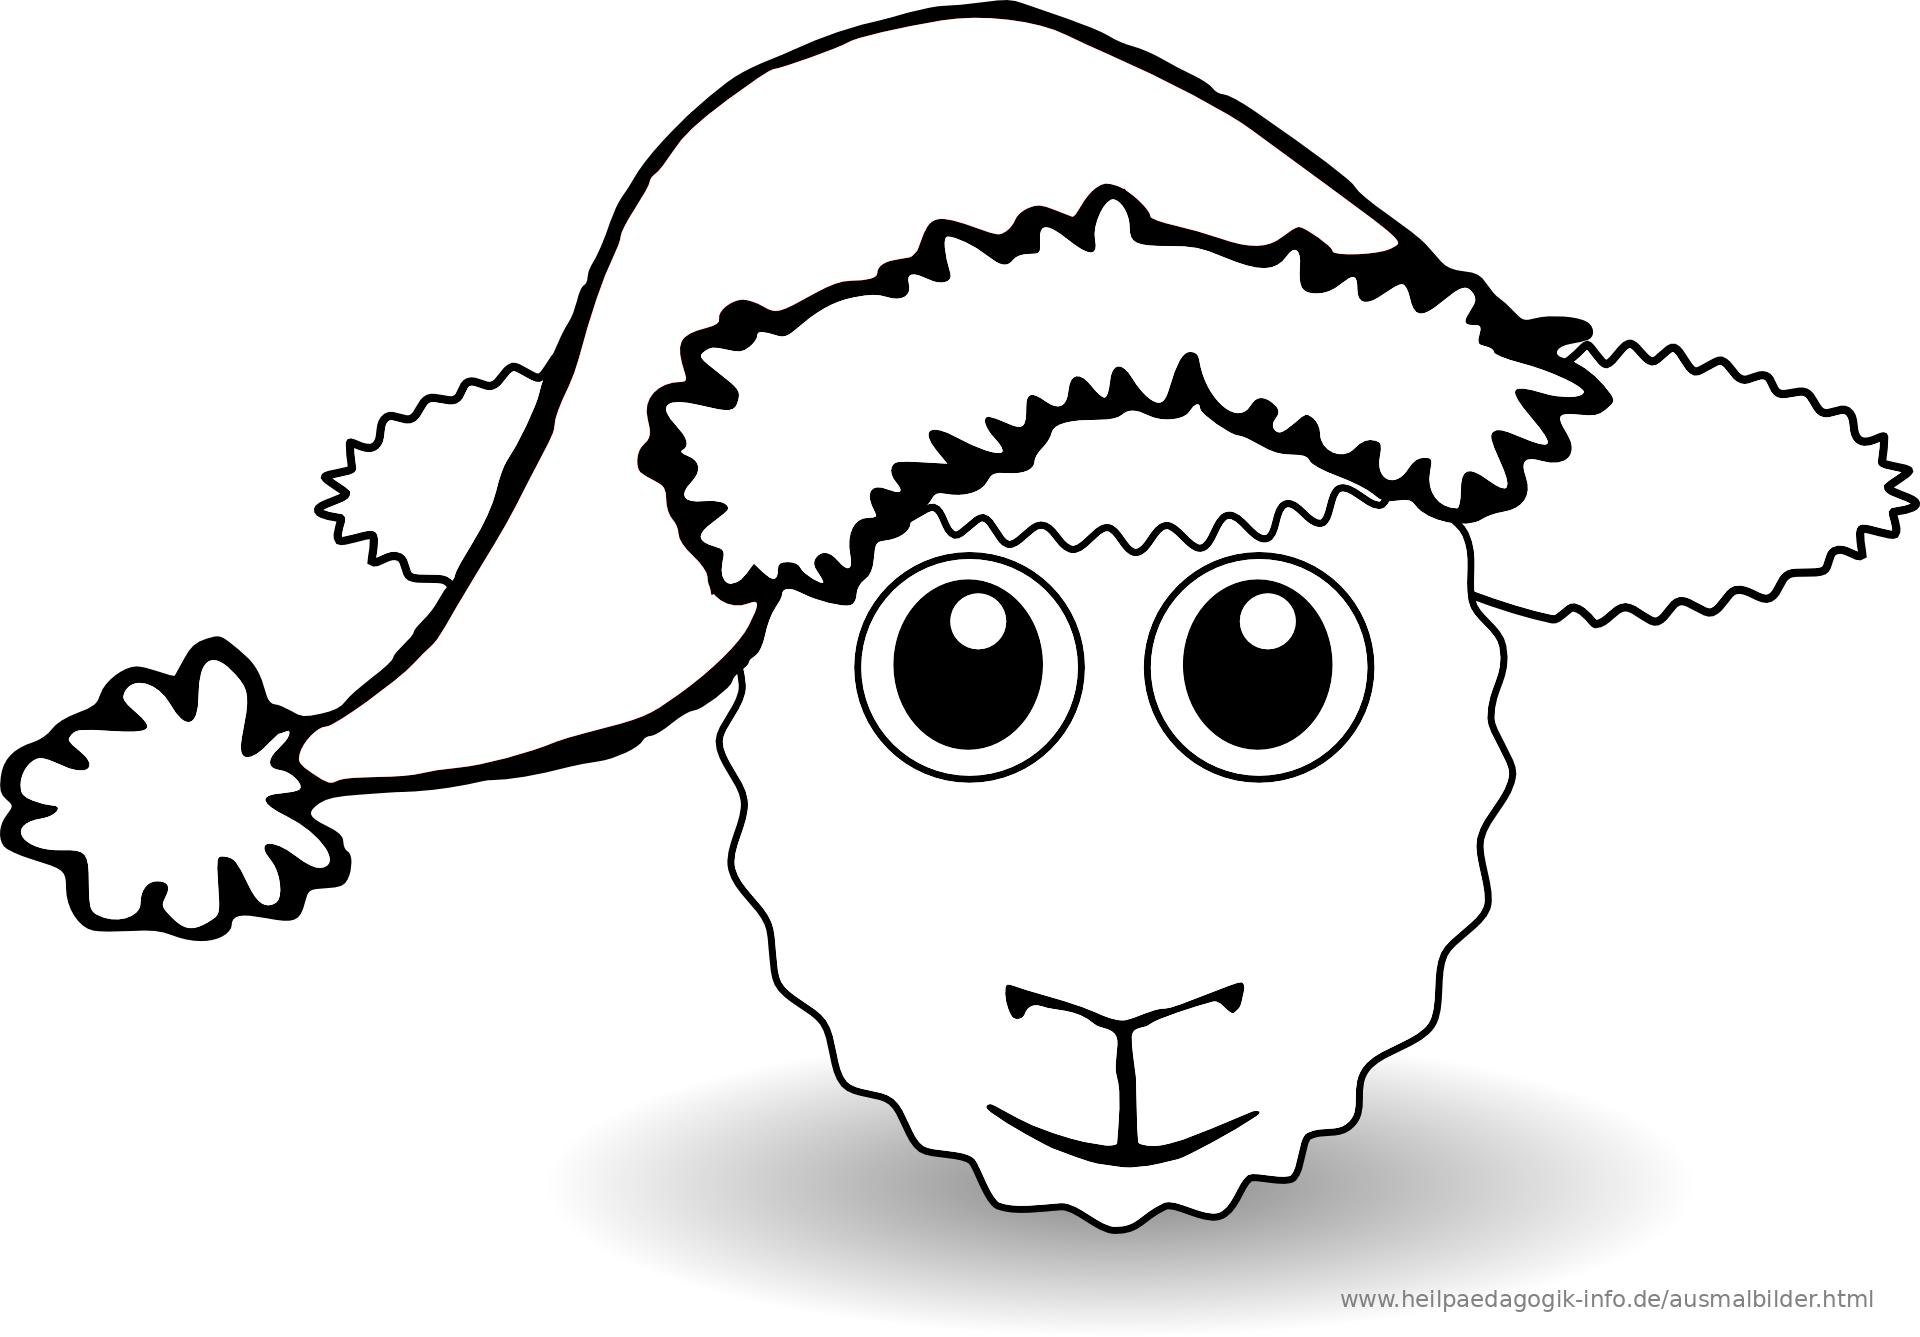 18 Schaf Bilder Zum Ausmalen - Besten Bilder von ausmalbilder